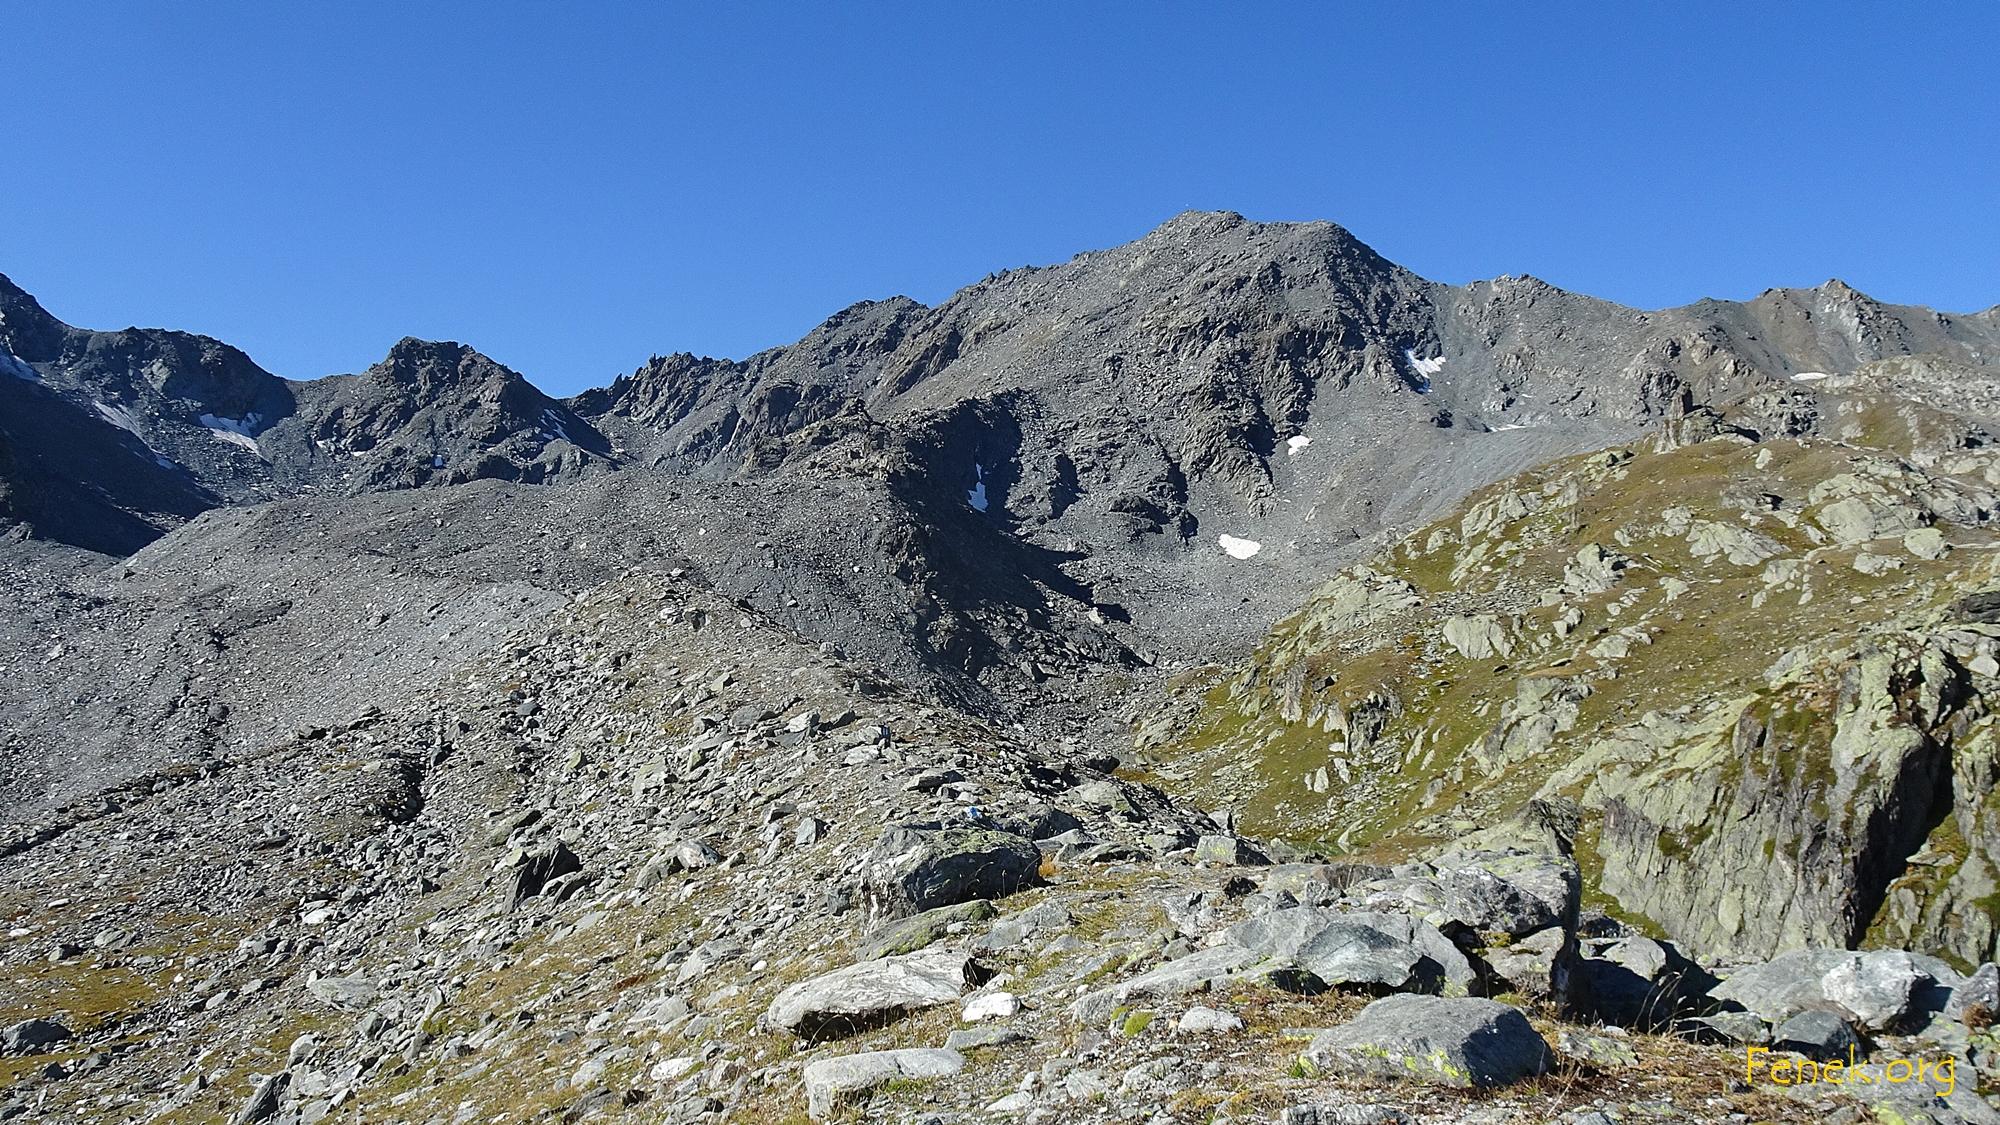 Pointe de Boveire - mein Ziel